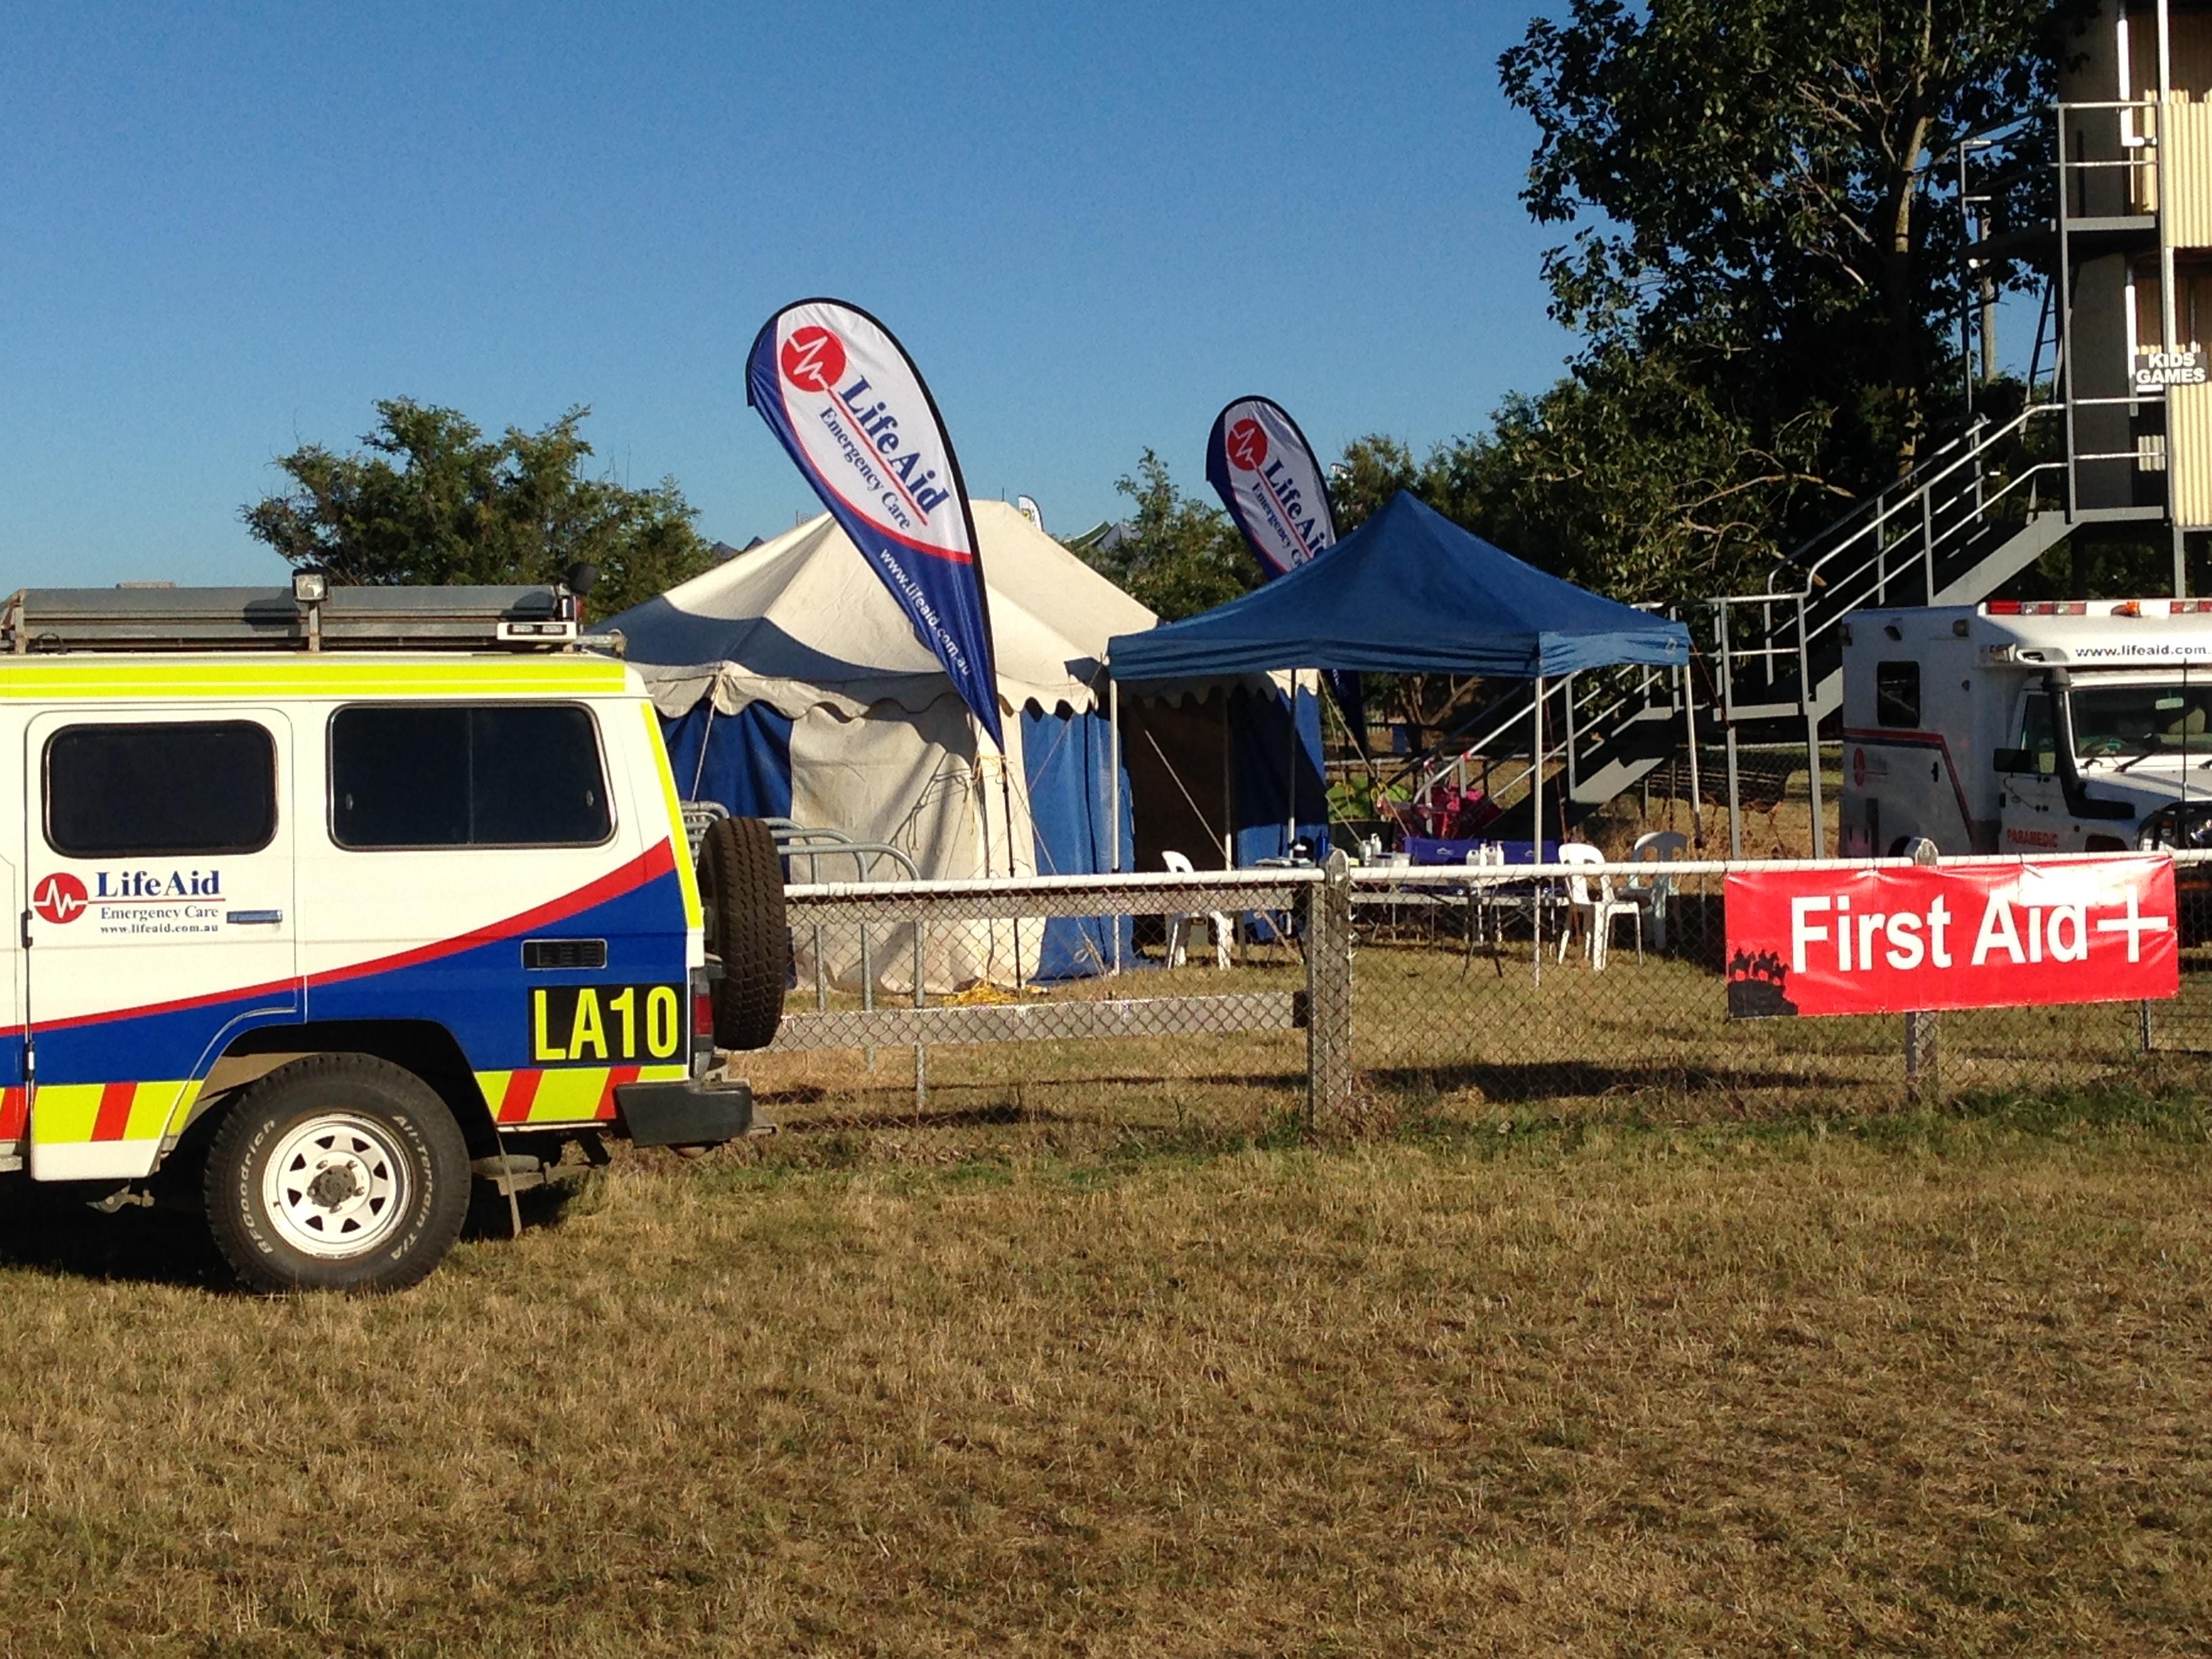 LifeAid onsite first aid setup